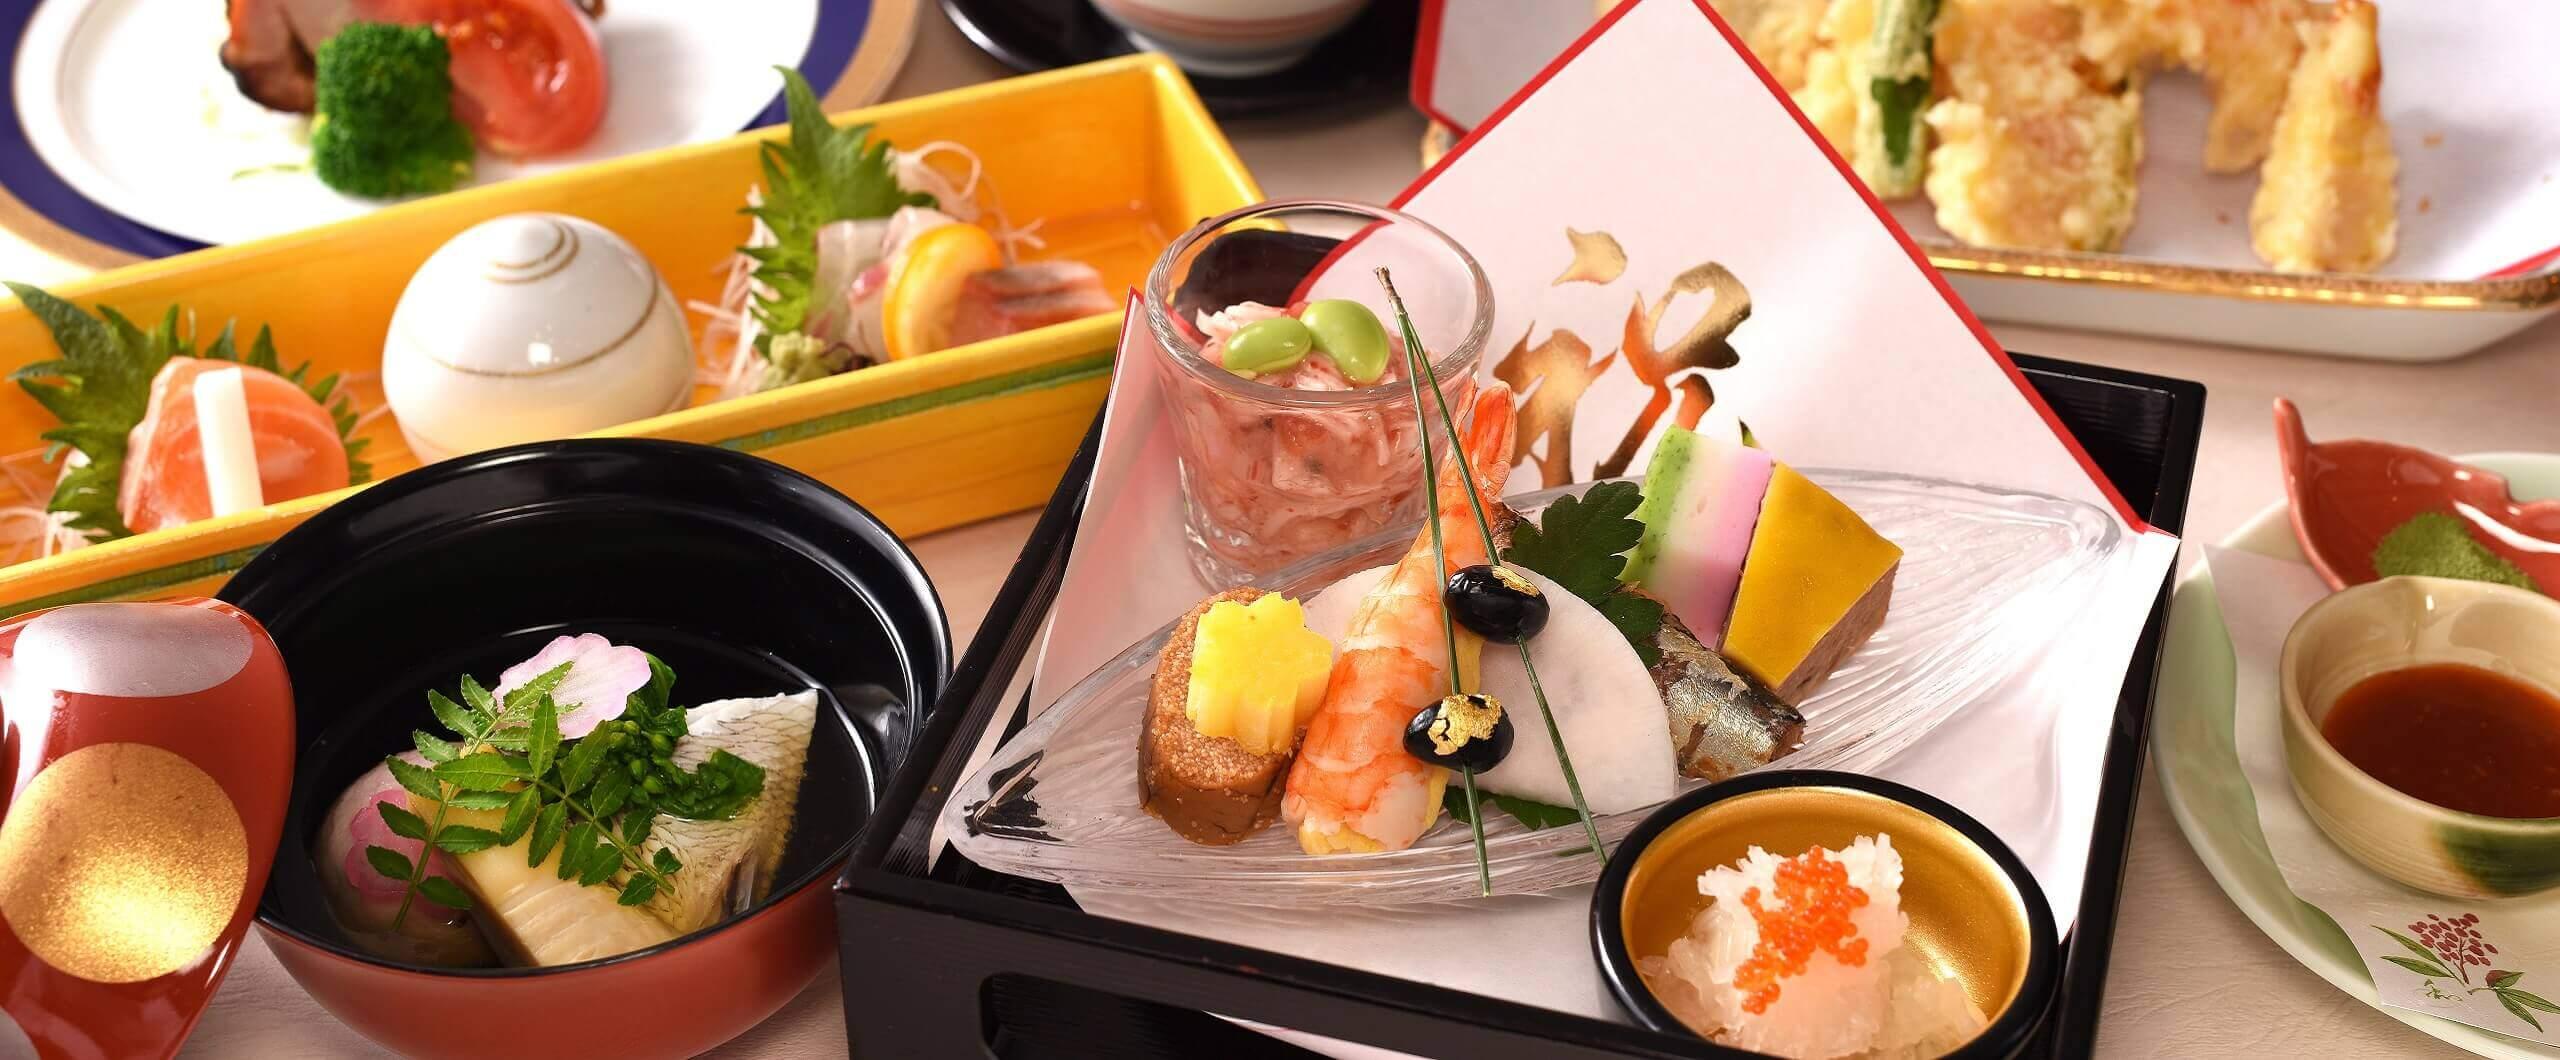 瀬戸内海の、季節ごとの旬を楽しむ料理